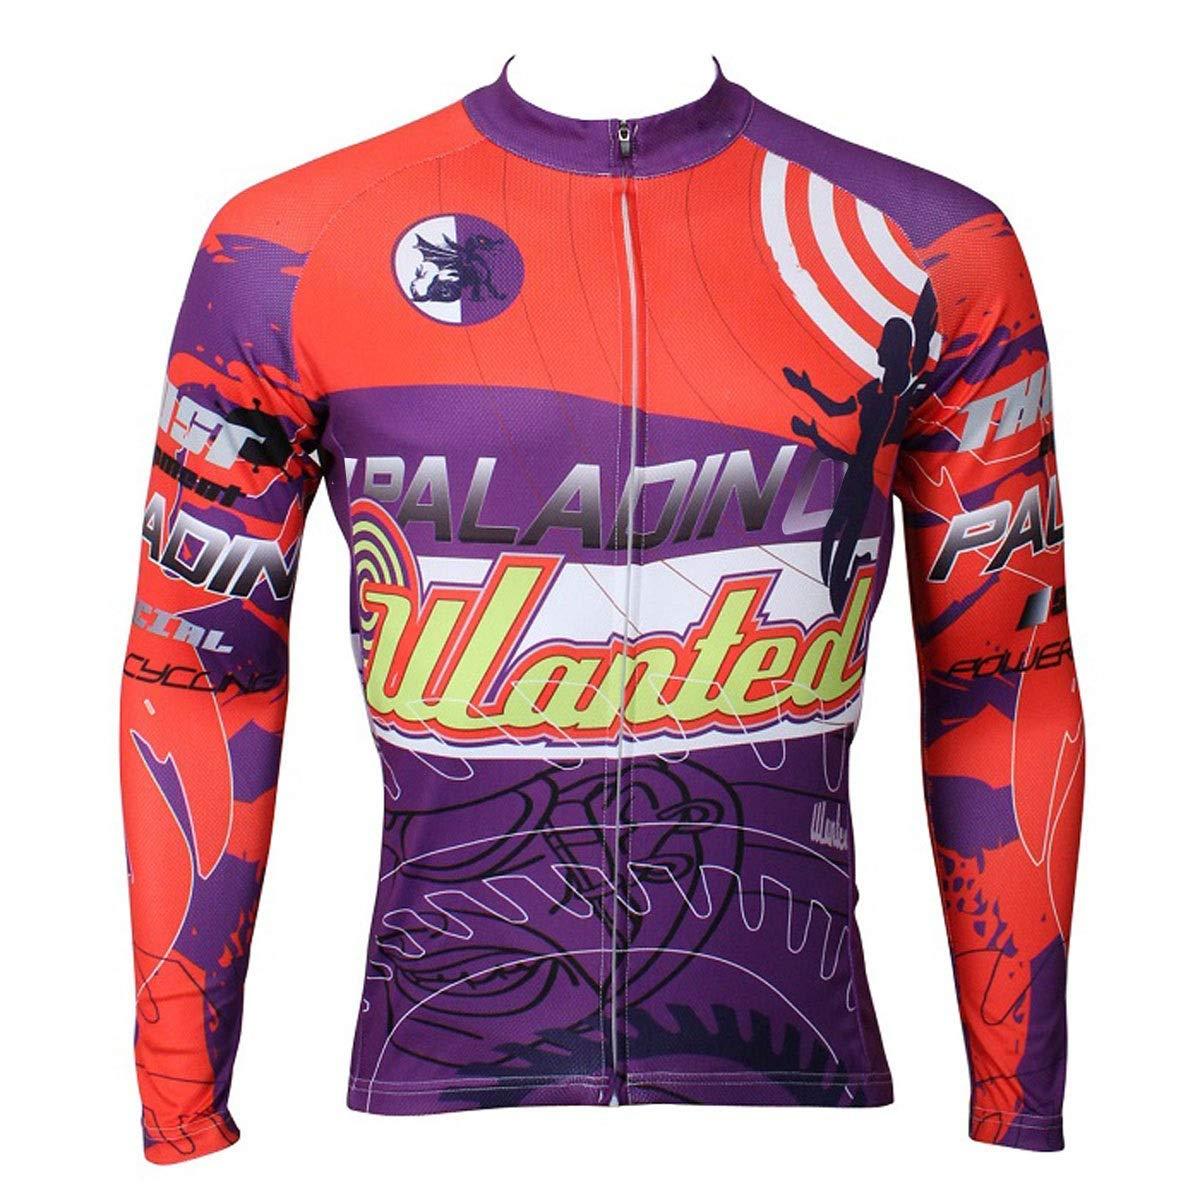 Fahrrad Reitanzug Herrenhemd Langarmhose Ausrüstungsset Rennrad Mountainbike Bekleidung Bike Trikot Fahrradtrikot LPLHJD